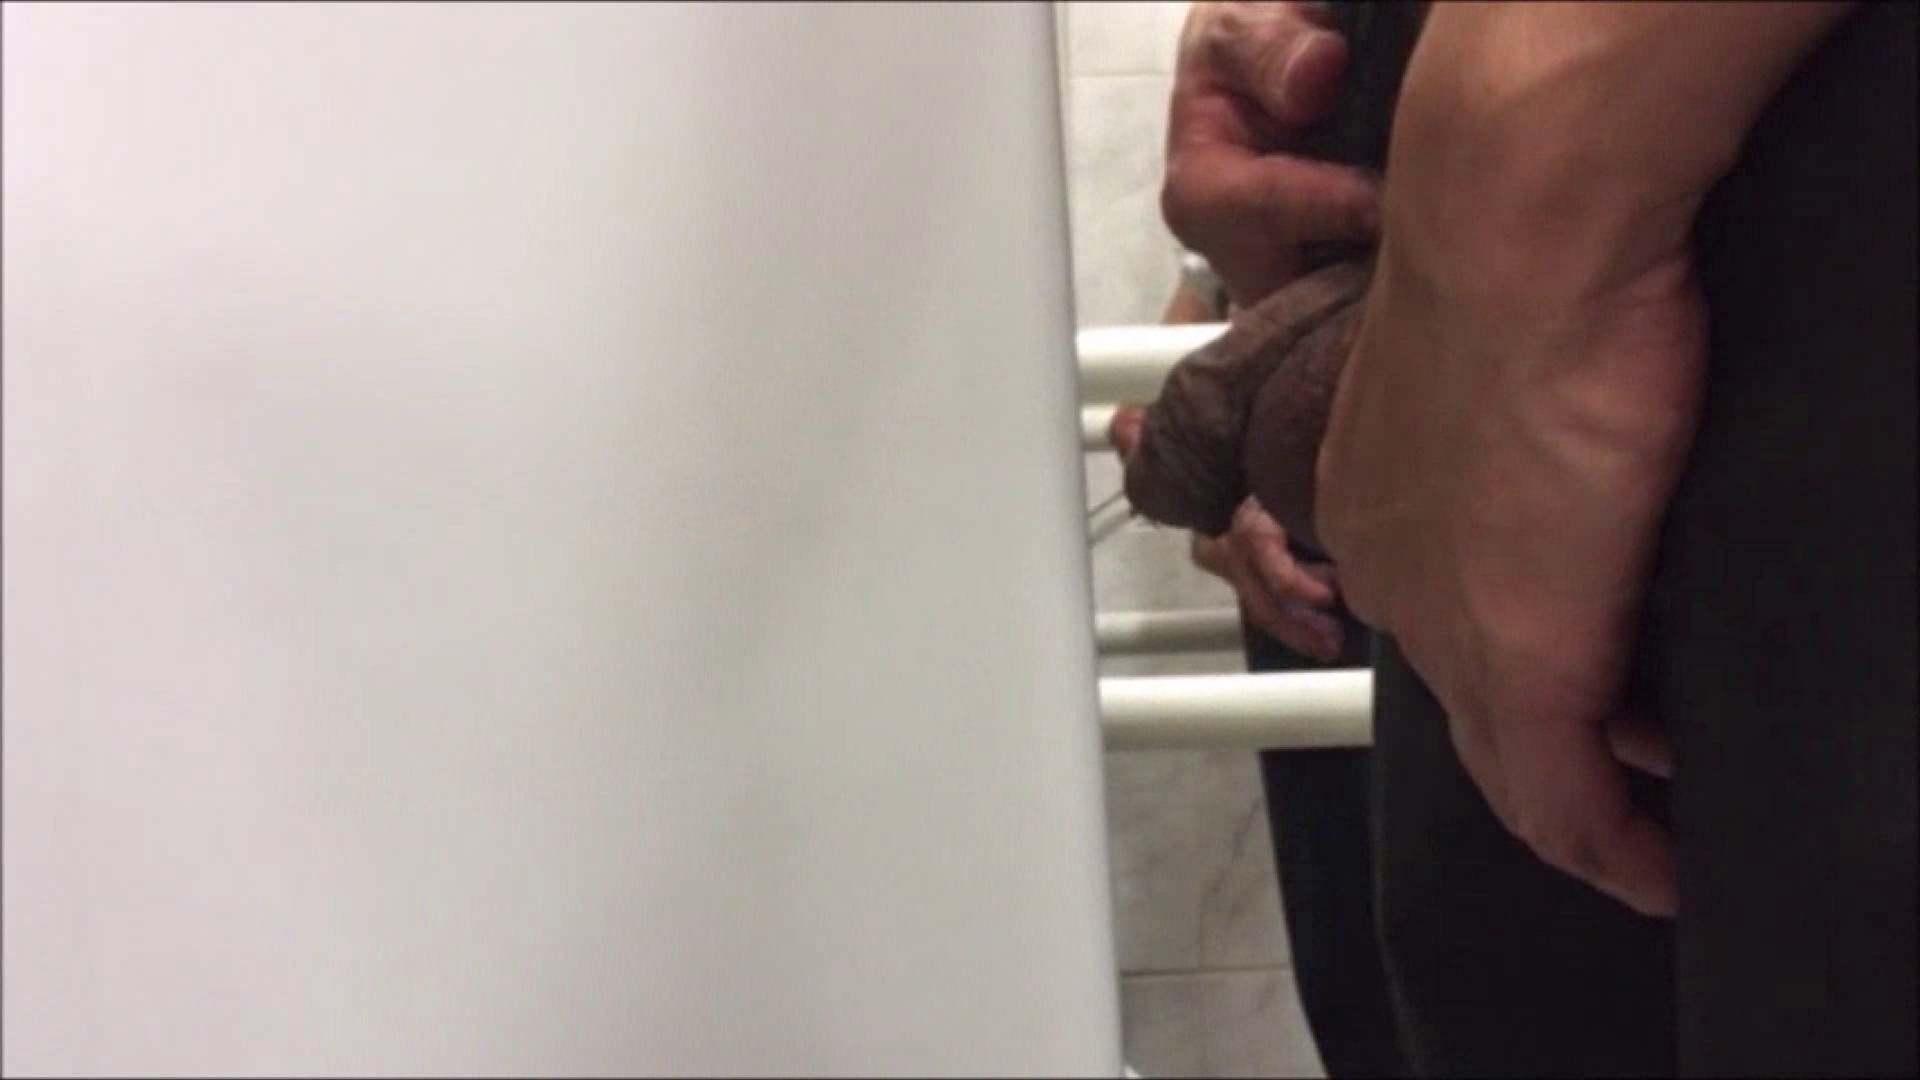 ゲイザーメン動画|すみませんが覗かせてください Vol.12|放尿